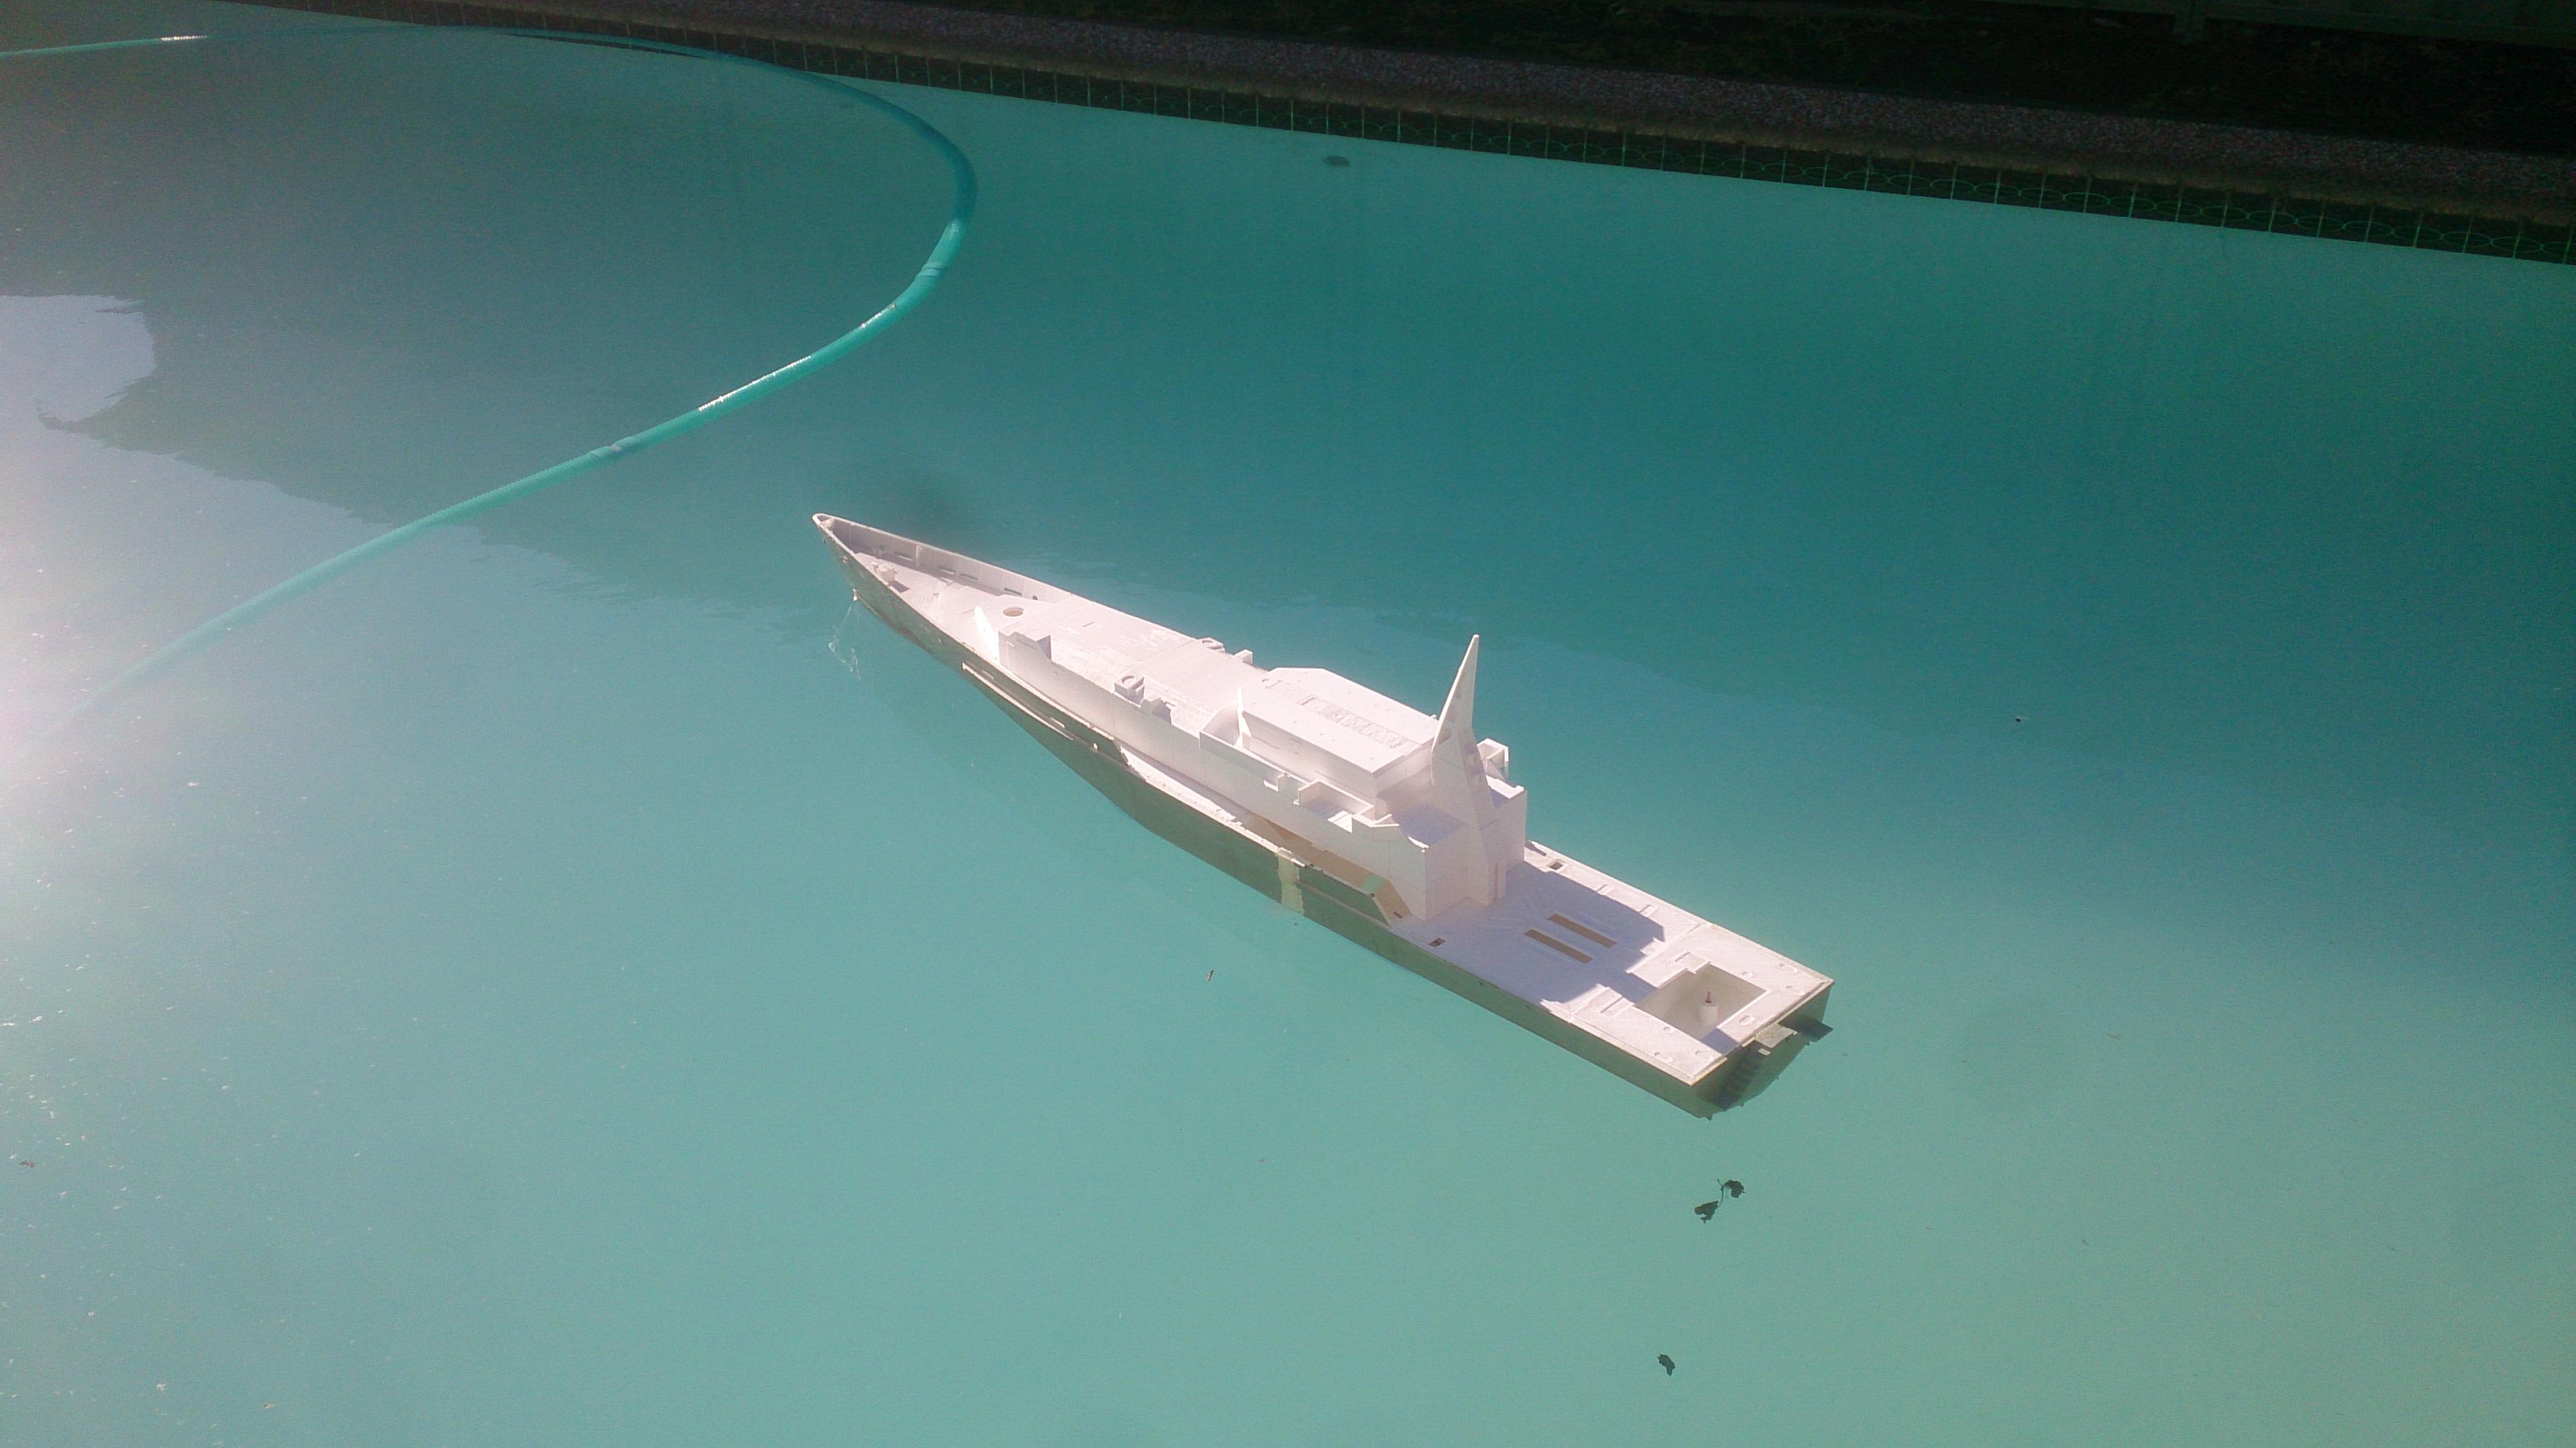 Giant 1 7 metre 3d printed RC ship - 3D Printing / 3D